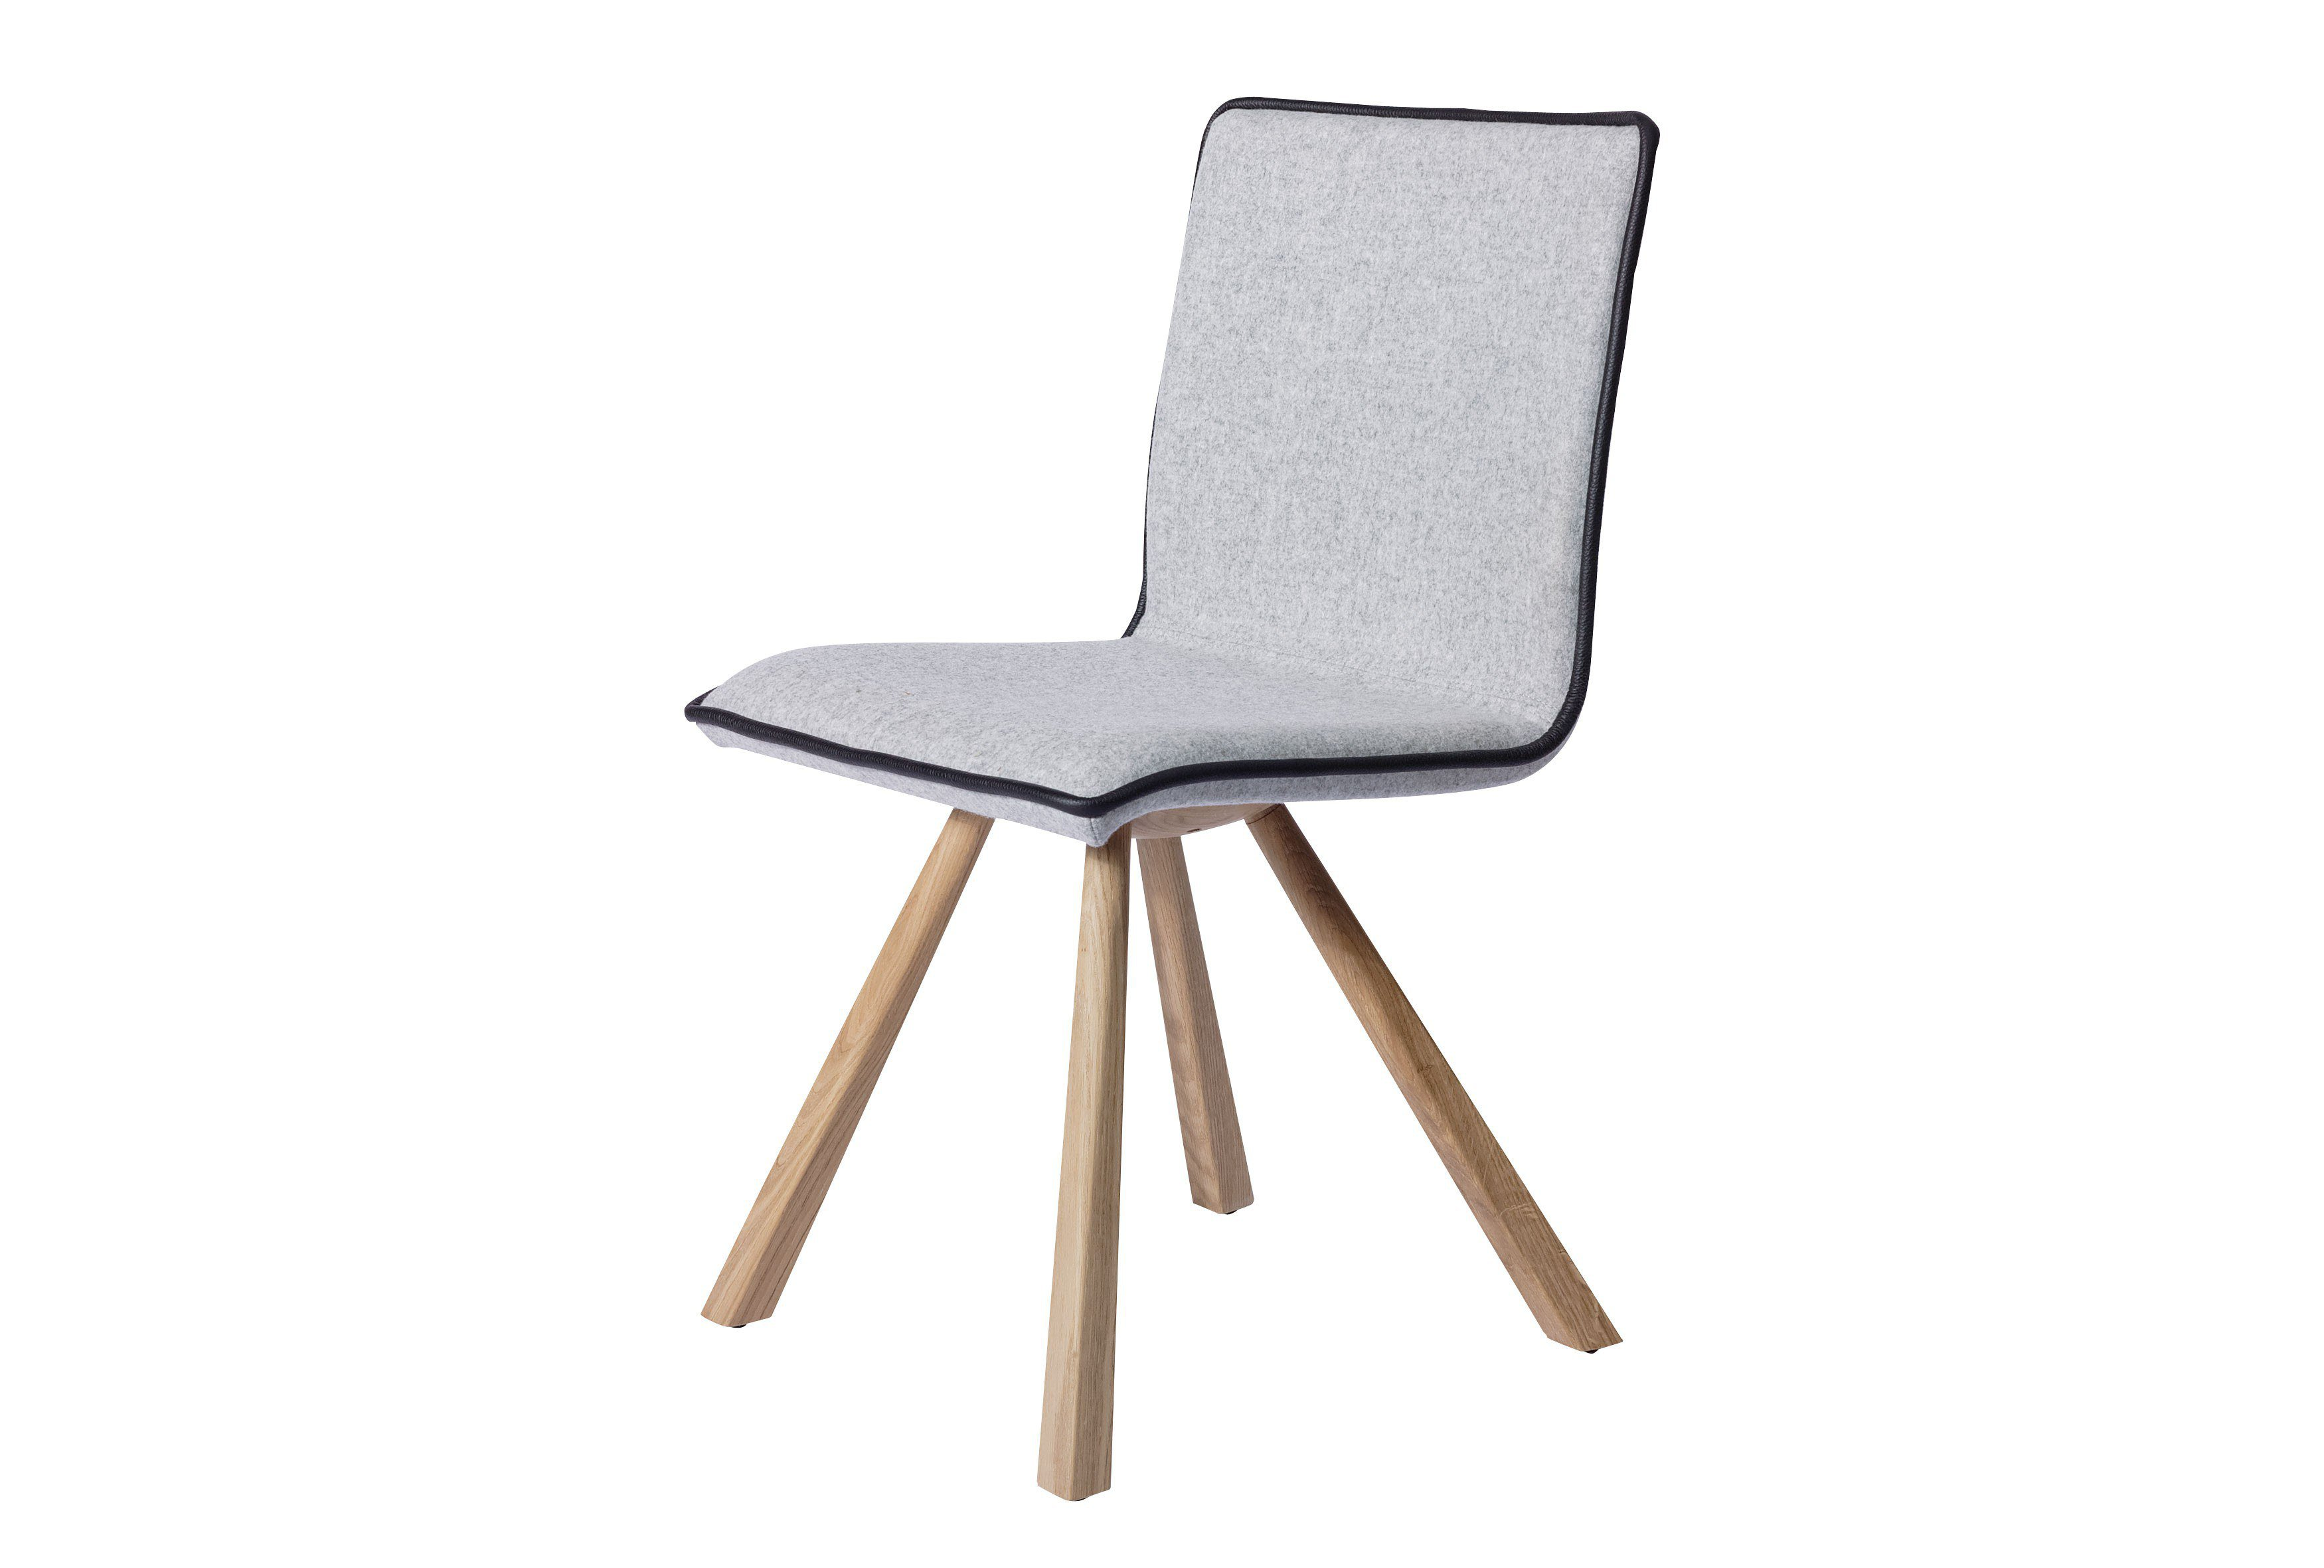 voglauer stuhl 46 wildeiche loden m bel letz ihr online shop. Black Bedroom Furniture Sets. Home Design Ideas